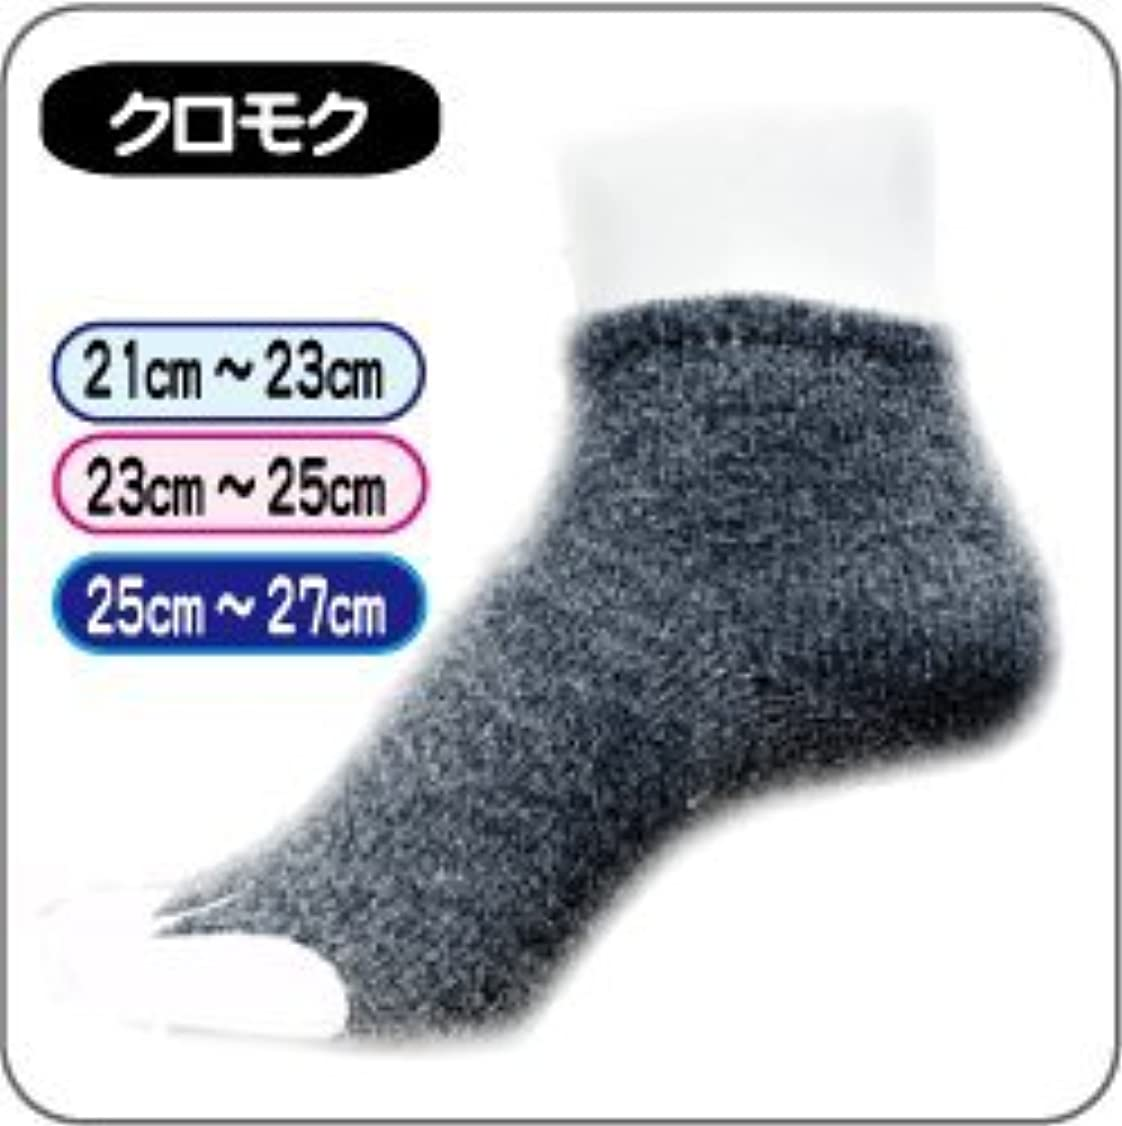 あいまいな数値コミットメント冷え性?足のむくみ対策に 竹繊維の入った?指なし健康ソックス (23cm~25cm, クロムク)